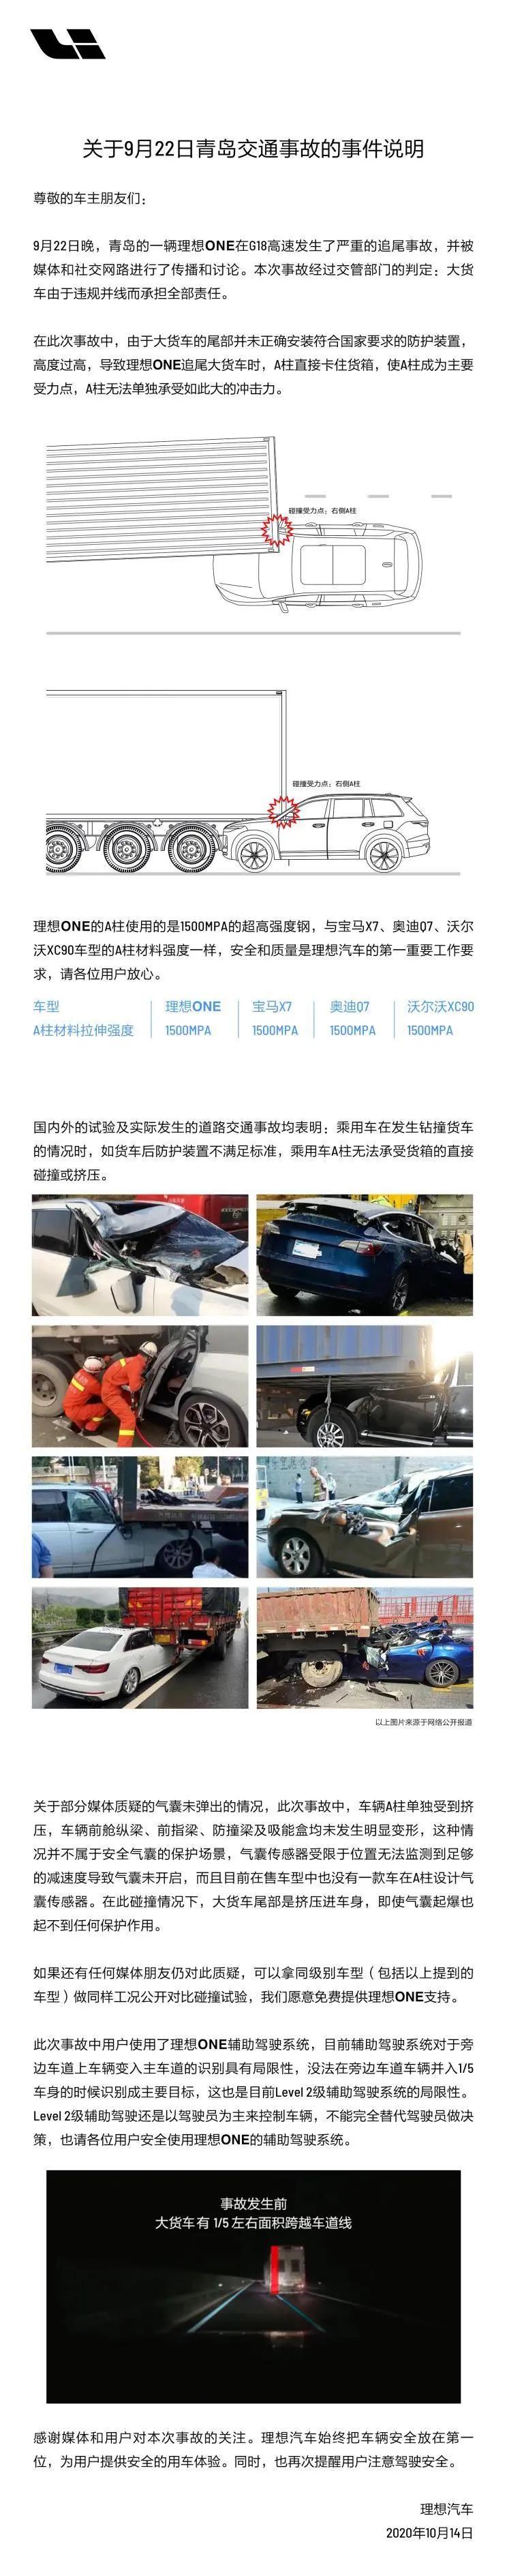 宝马X8谍照曝光,全新旗舰SUV来袭!